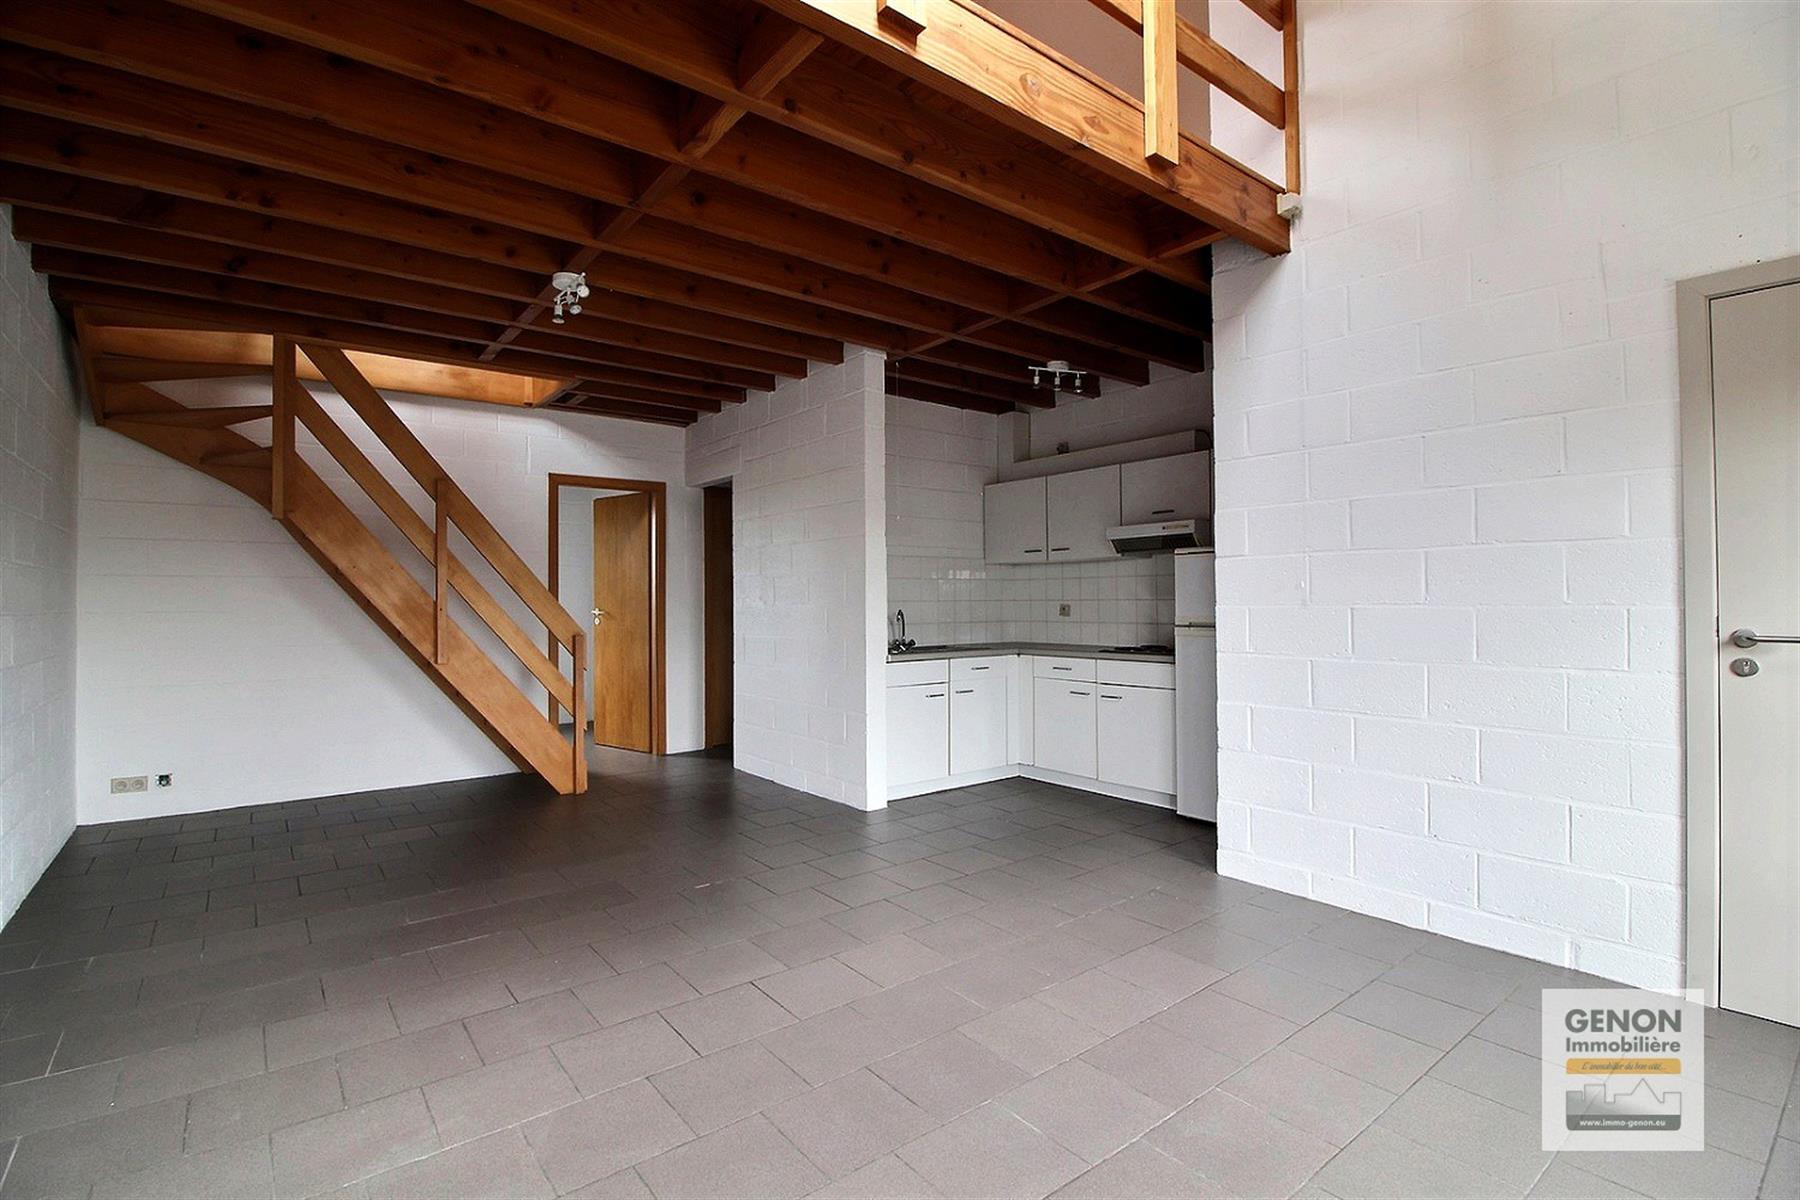 Appartement - Ottignies-Louvain-la-Neuve - #3969328-3